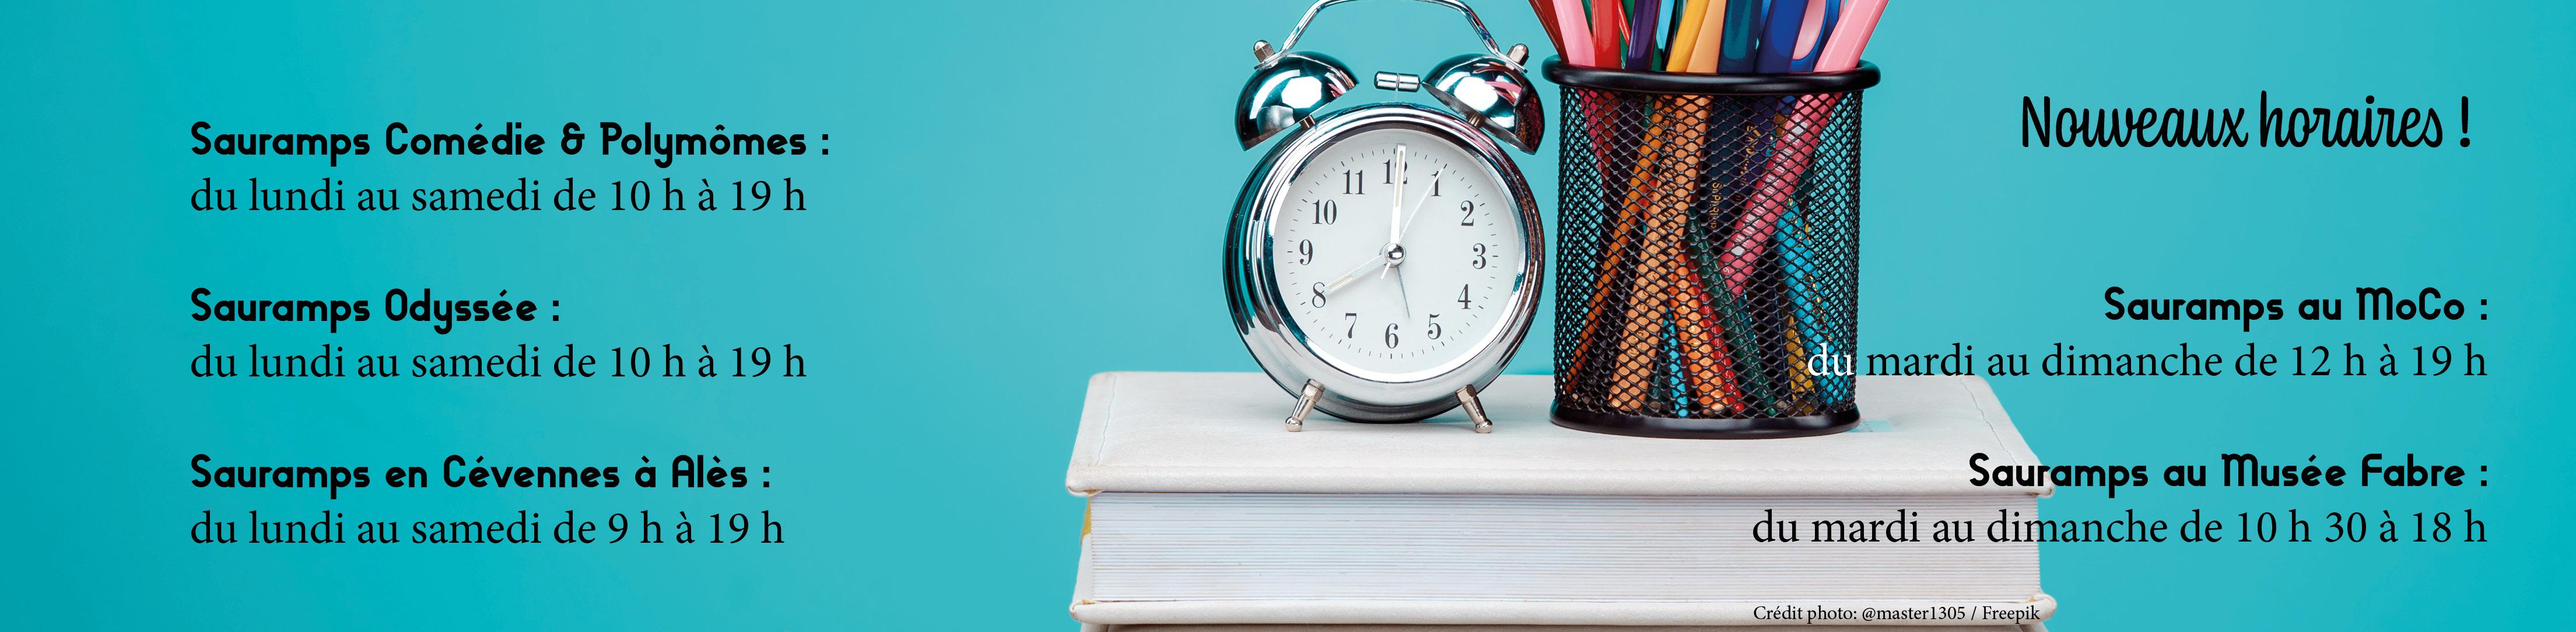 Les horaires des librairies Sauramps en juin 2020